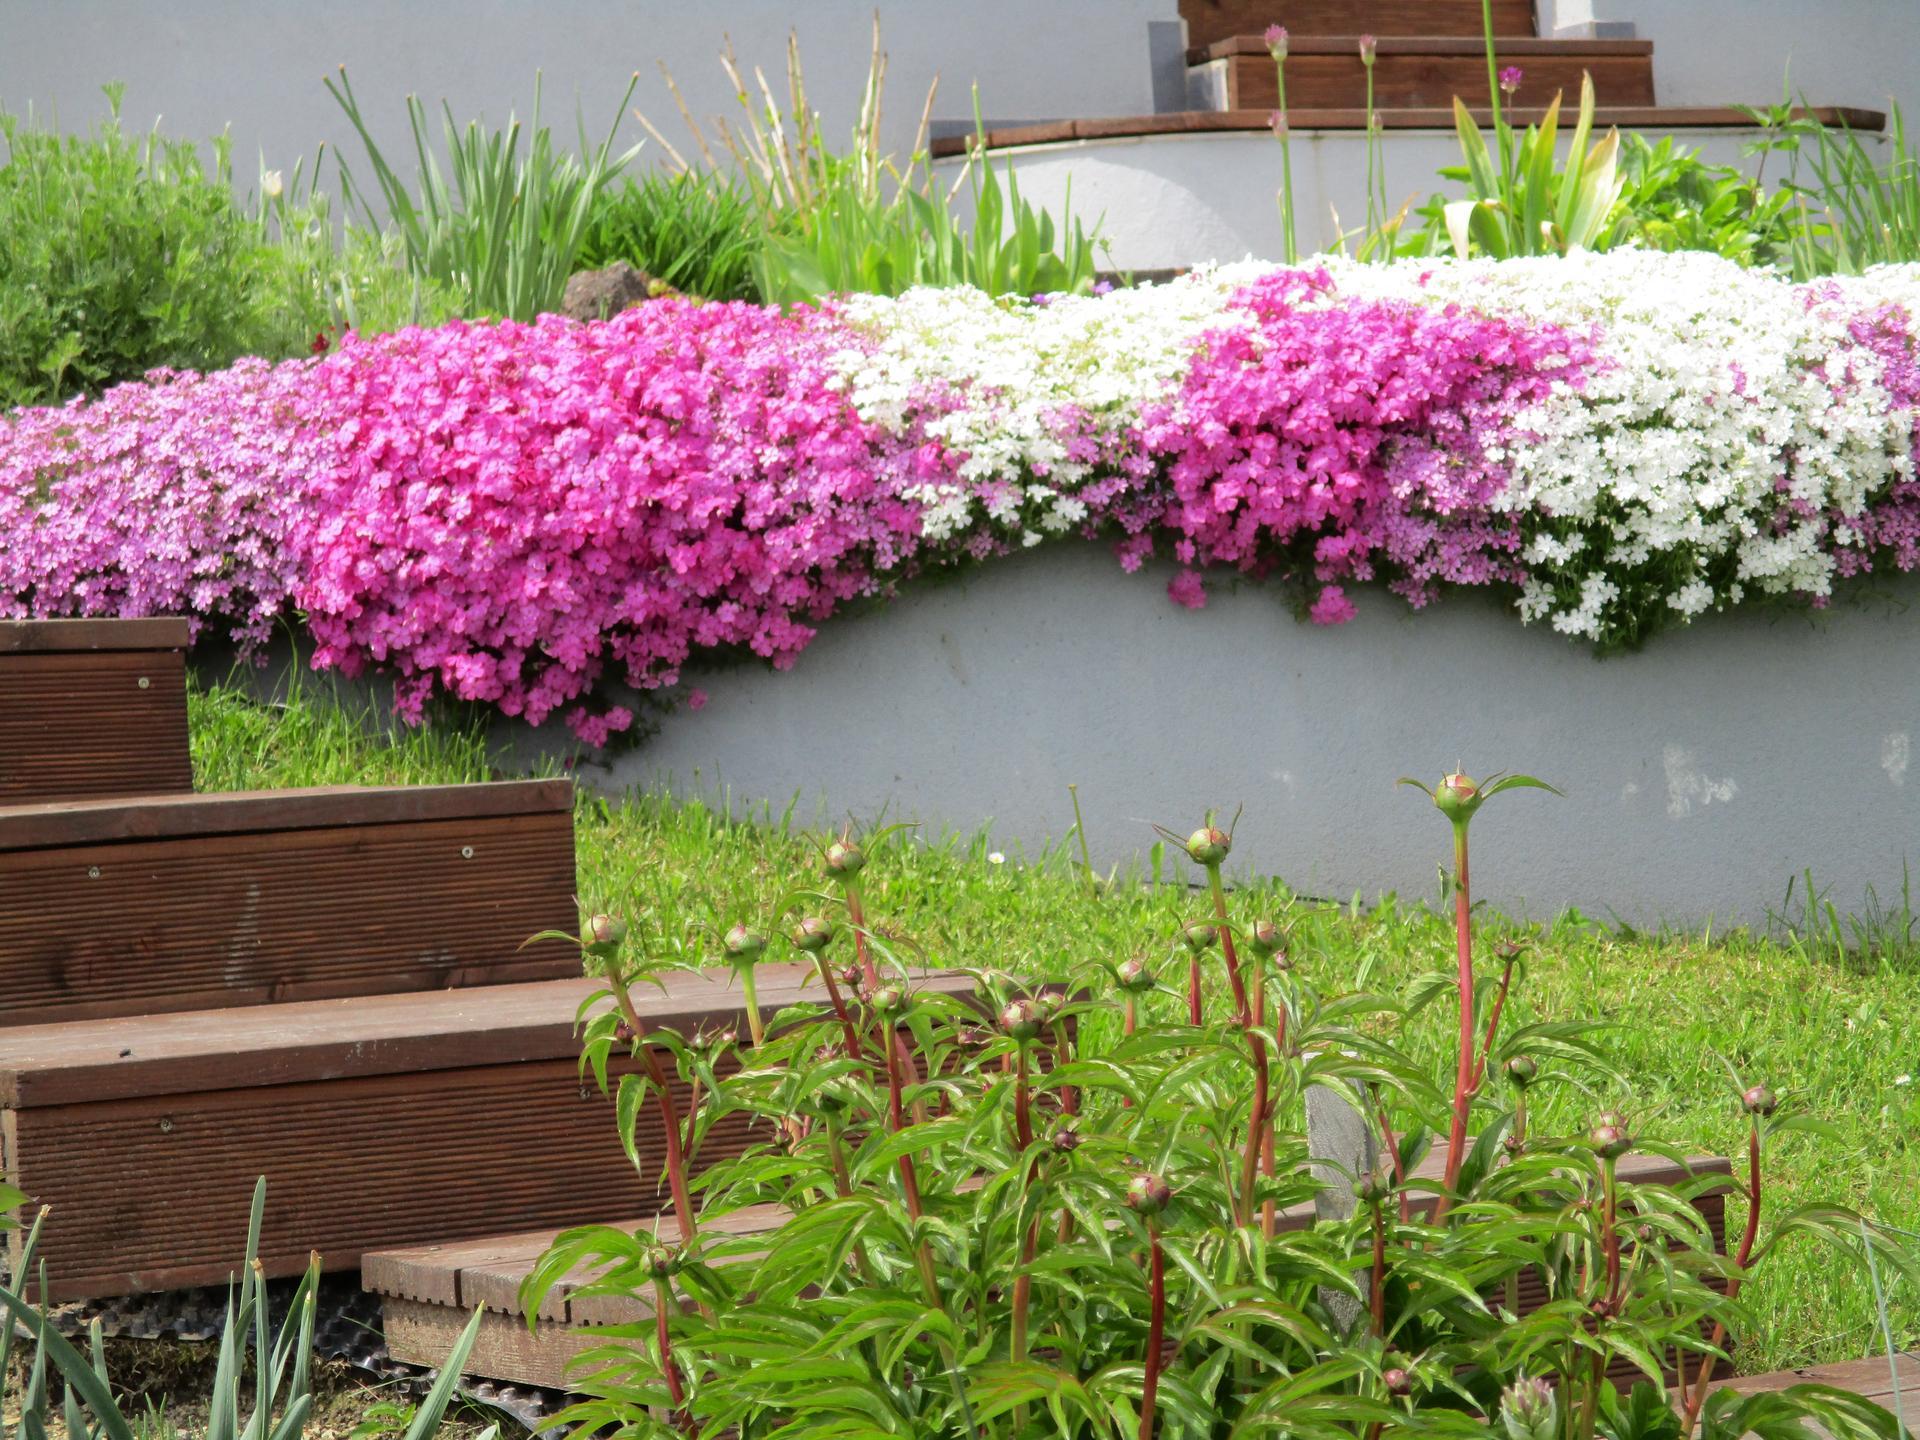 Jar v našej záhrade - Pivonky už majú pekné púčiky...veľmi sa teším,keď rozkvitnú :)